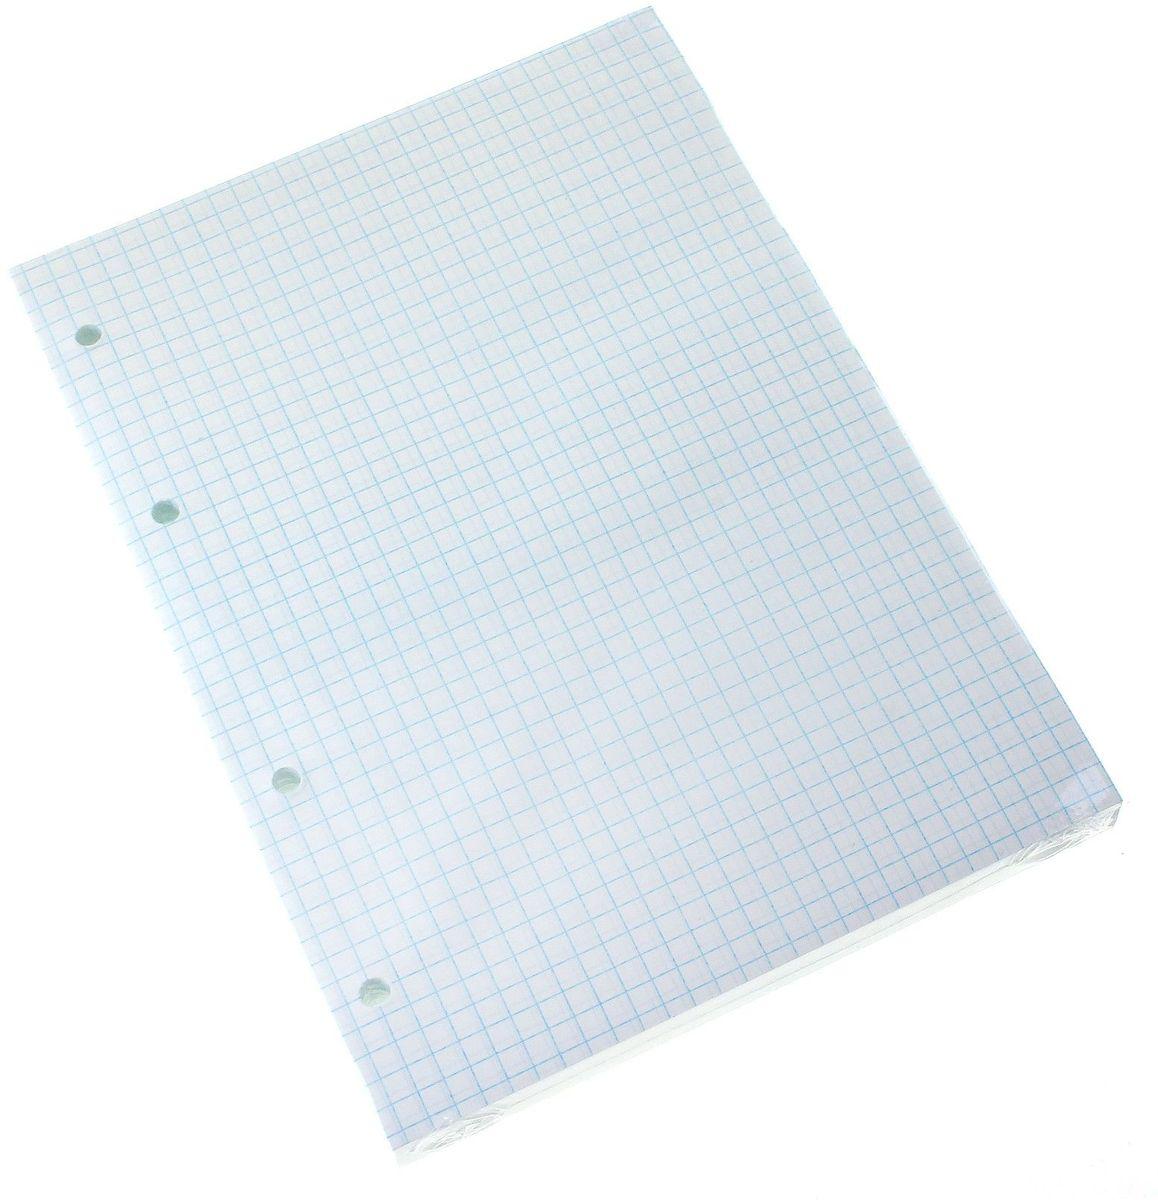 КПК Сменный блок для тетради на кольцах формат A5 160 листов в клетку для кпк htc программы